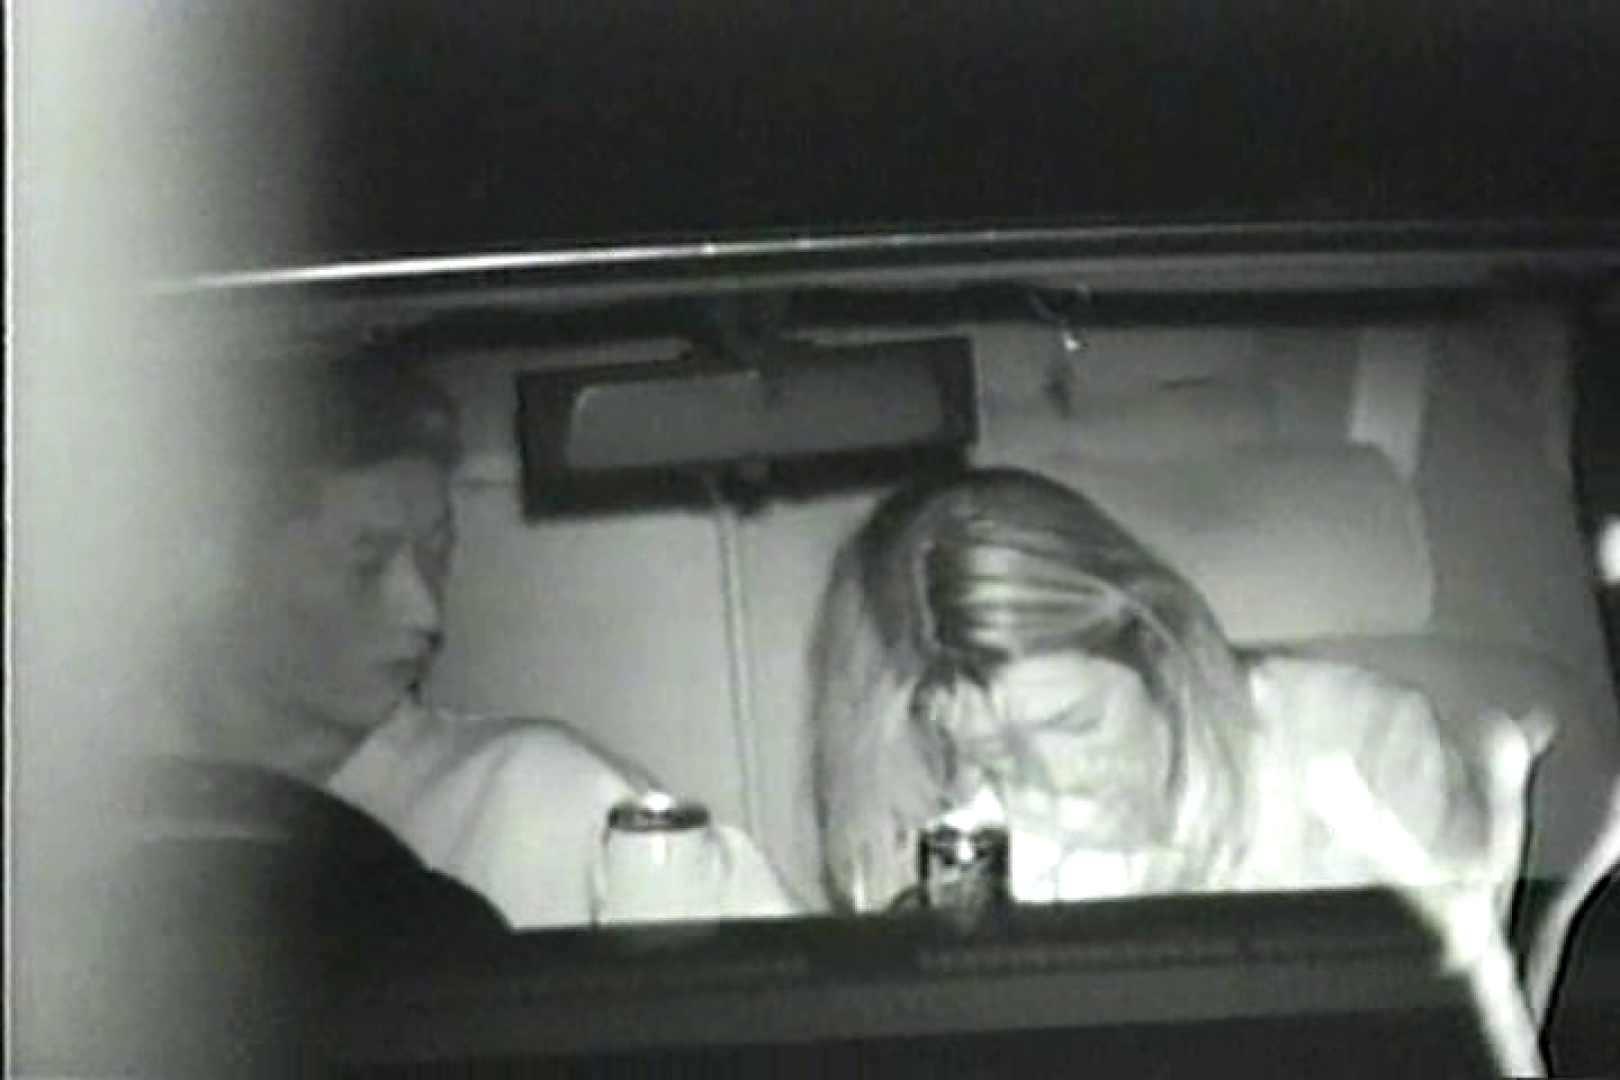 車の中はラブホテル 無修正版  Vol.9 望遠 オマンコ動画キャプチャ 60画像 16